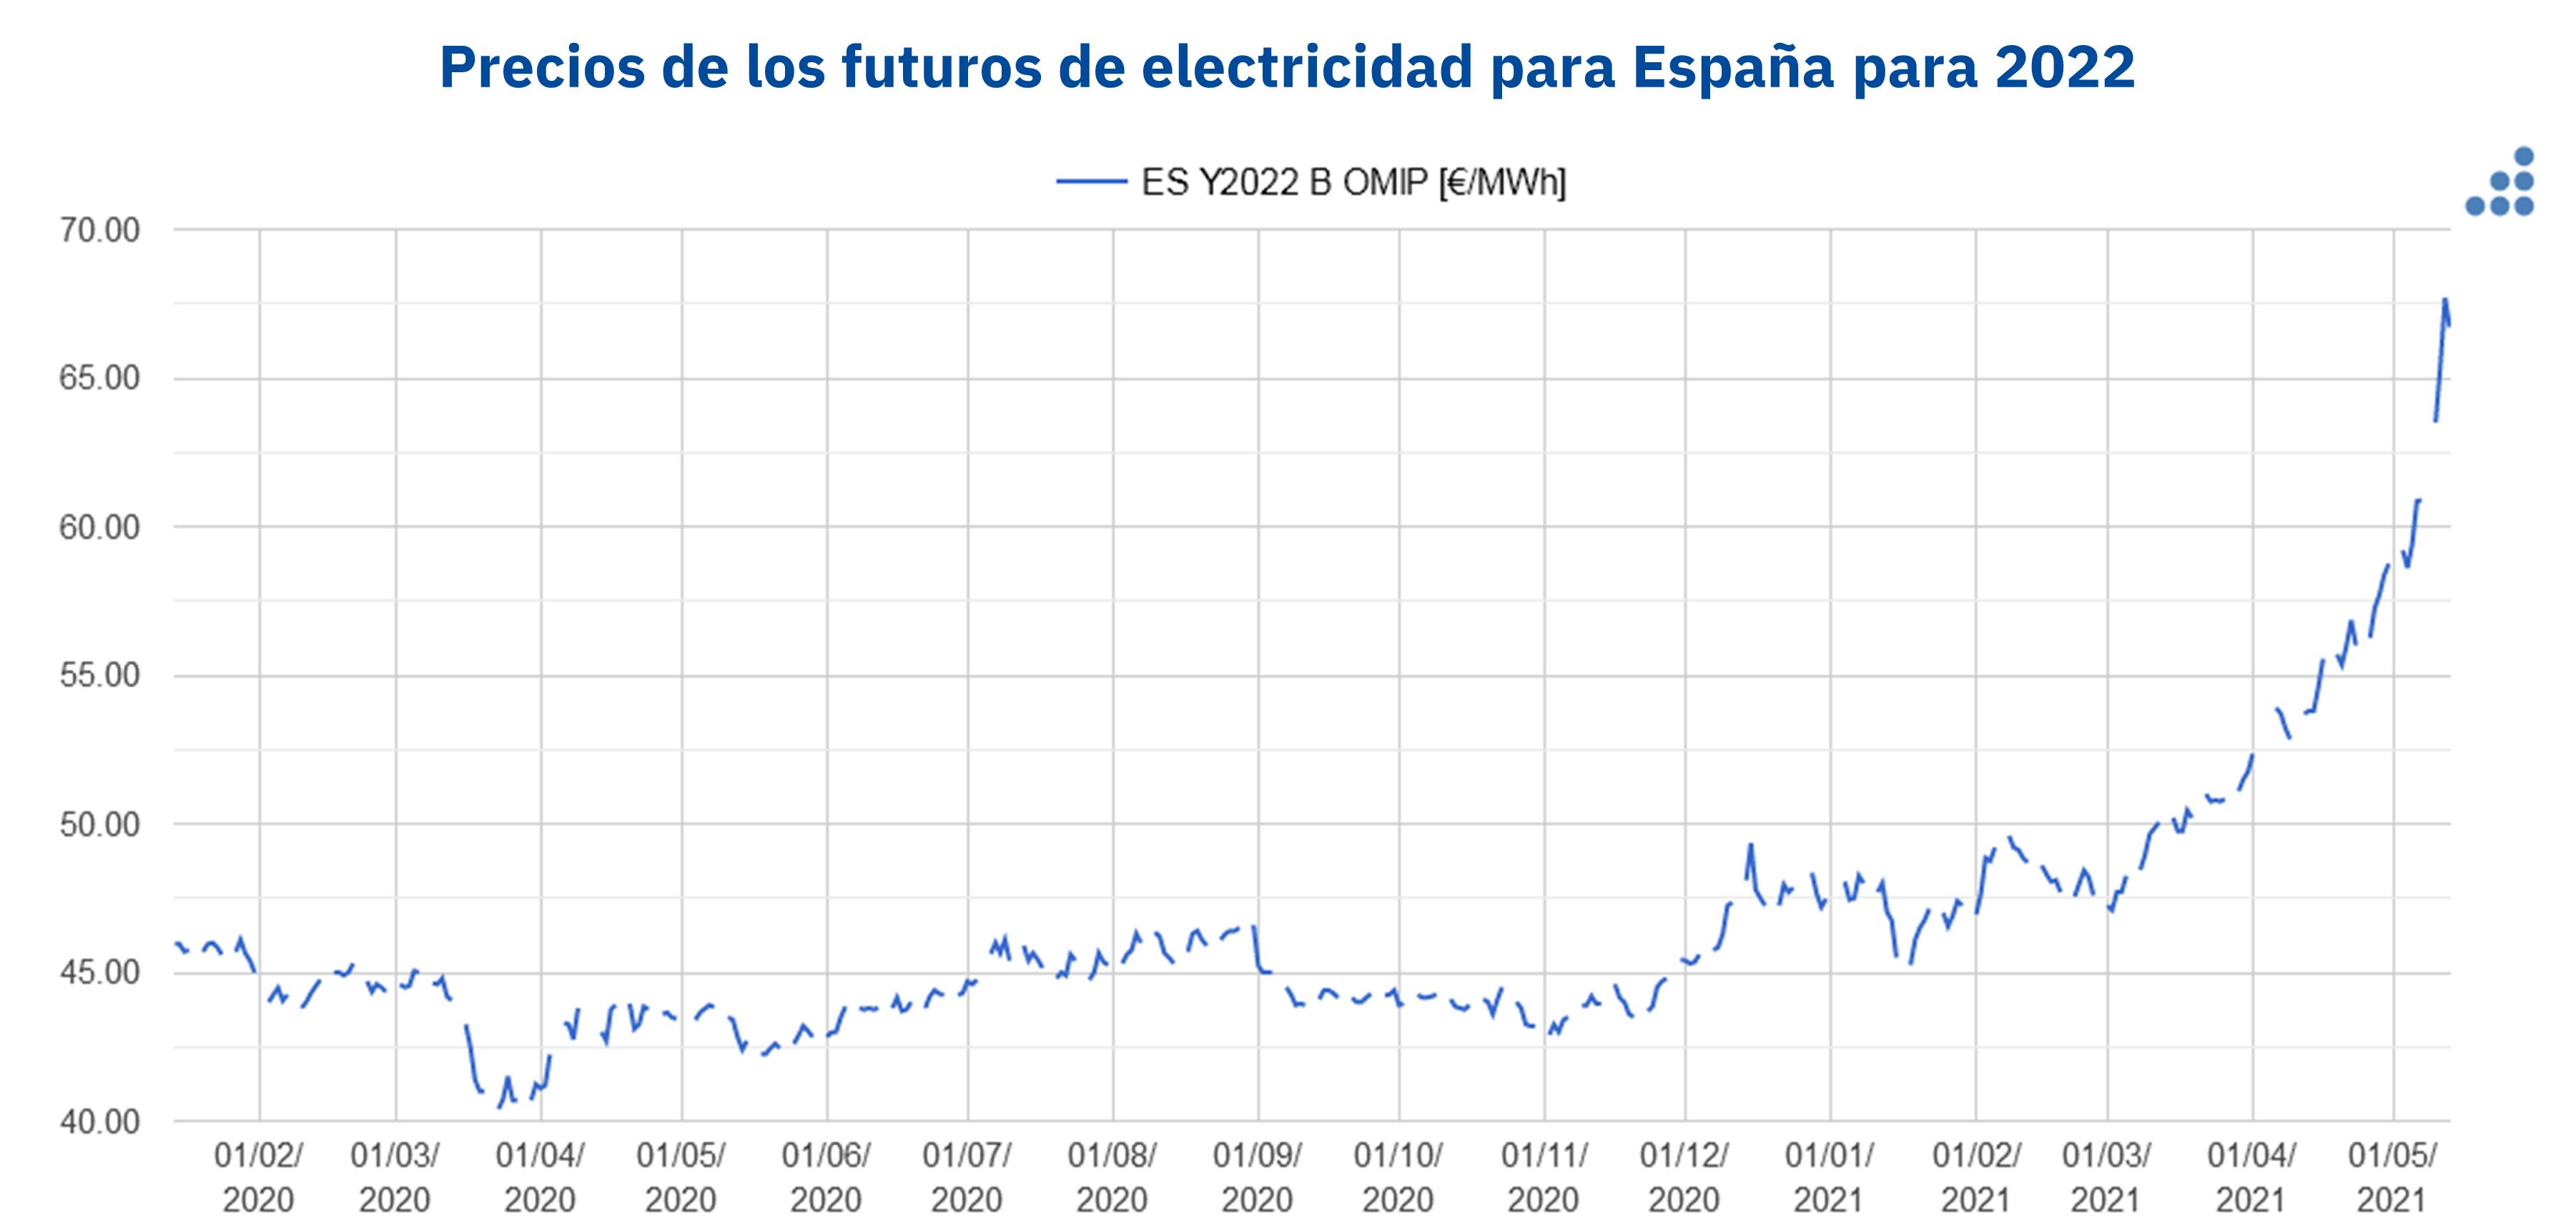 AleaSoft - Precios futuros electricidad Espanna OMIP